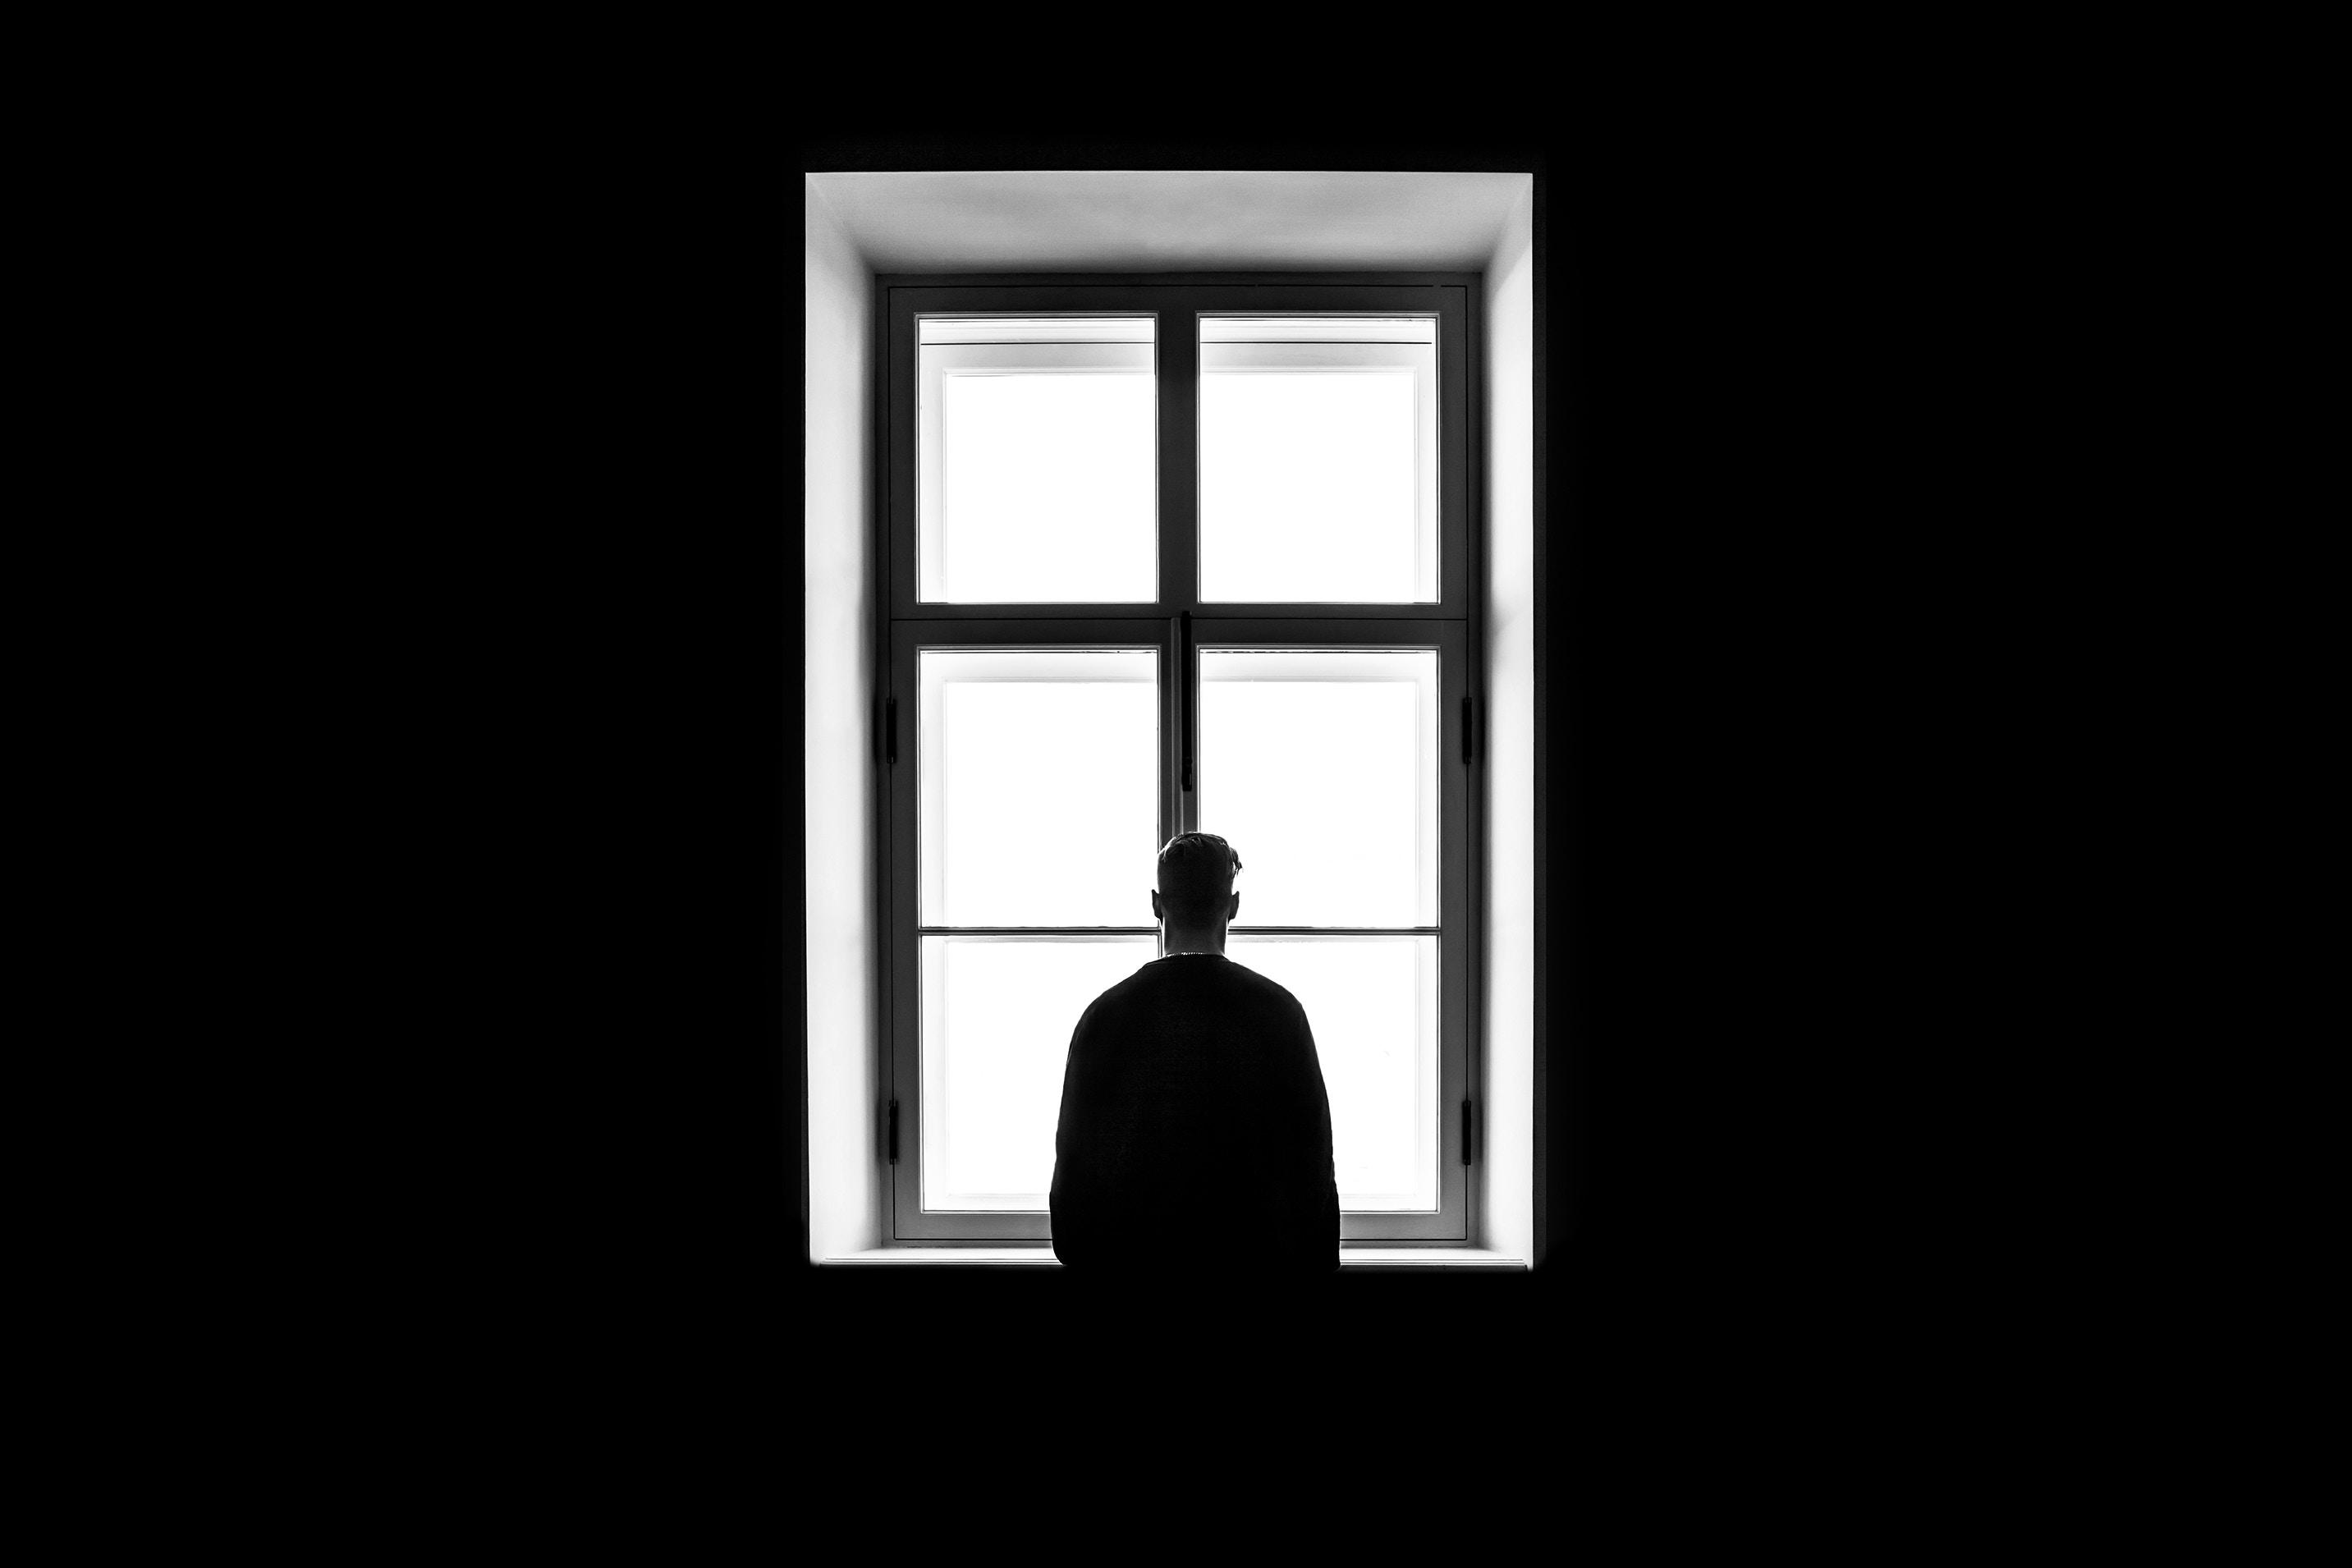 Få hjælp og støtte til at komme ud af misbruget på et misbrugscenter